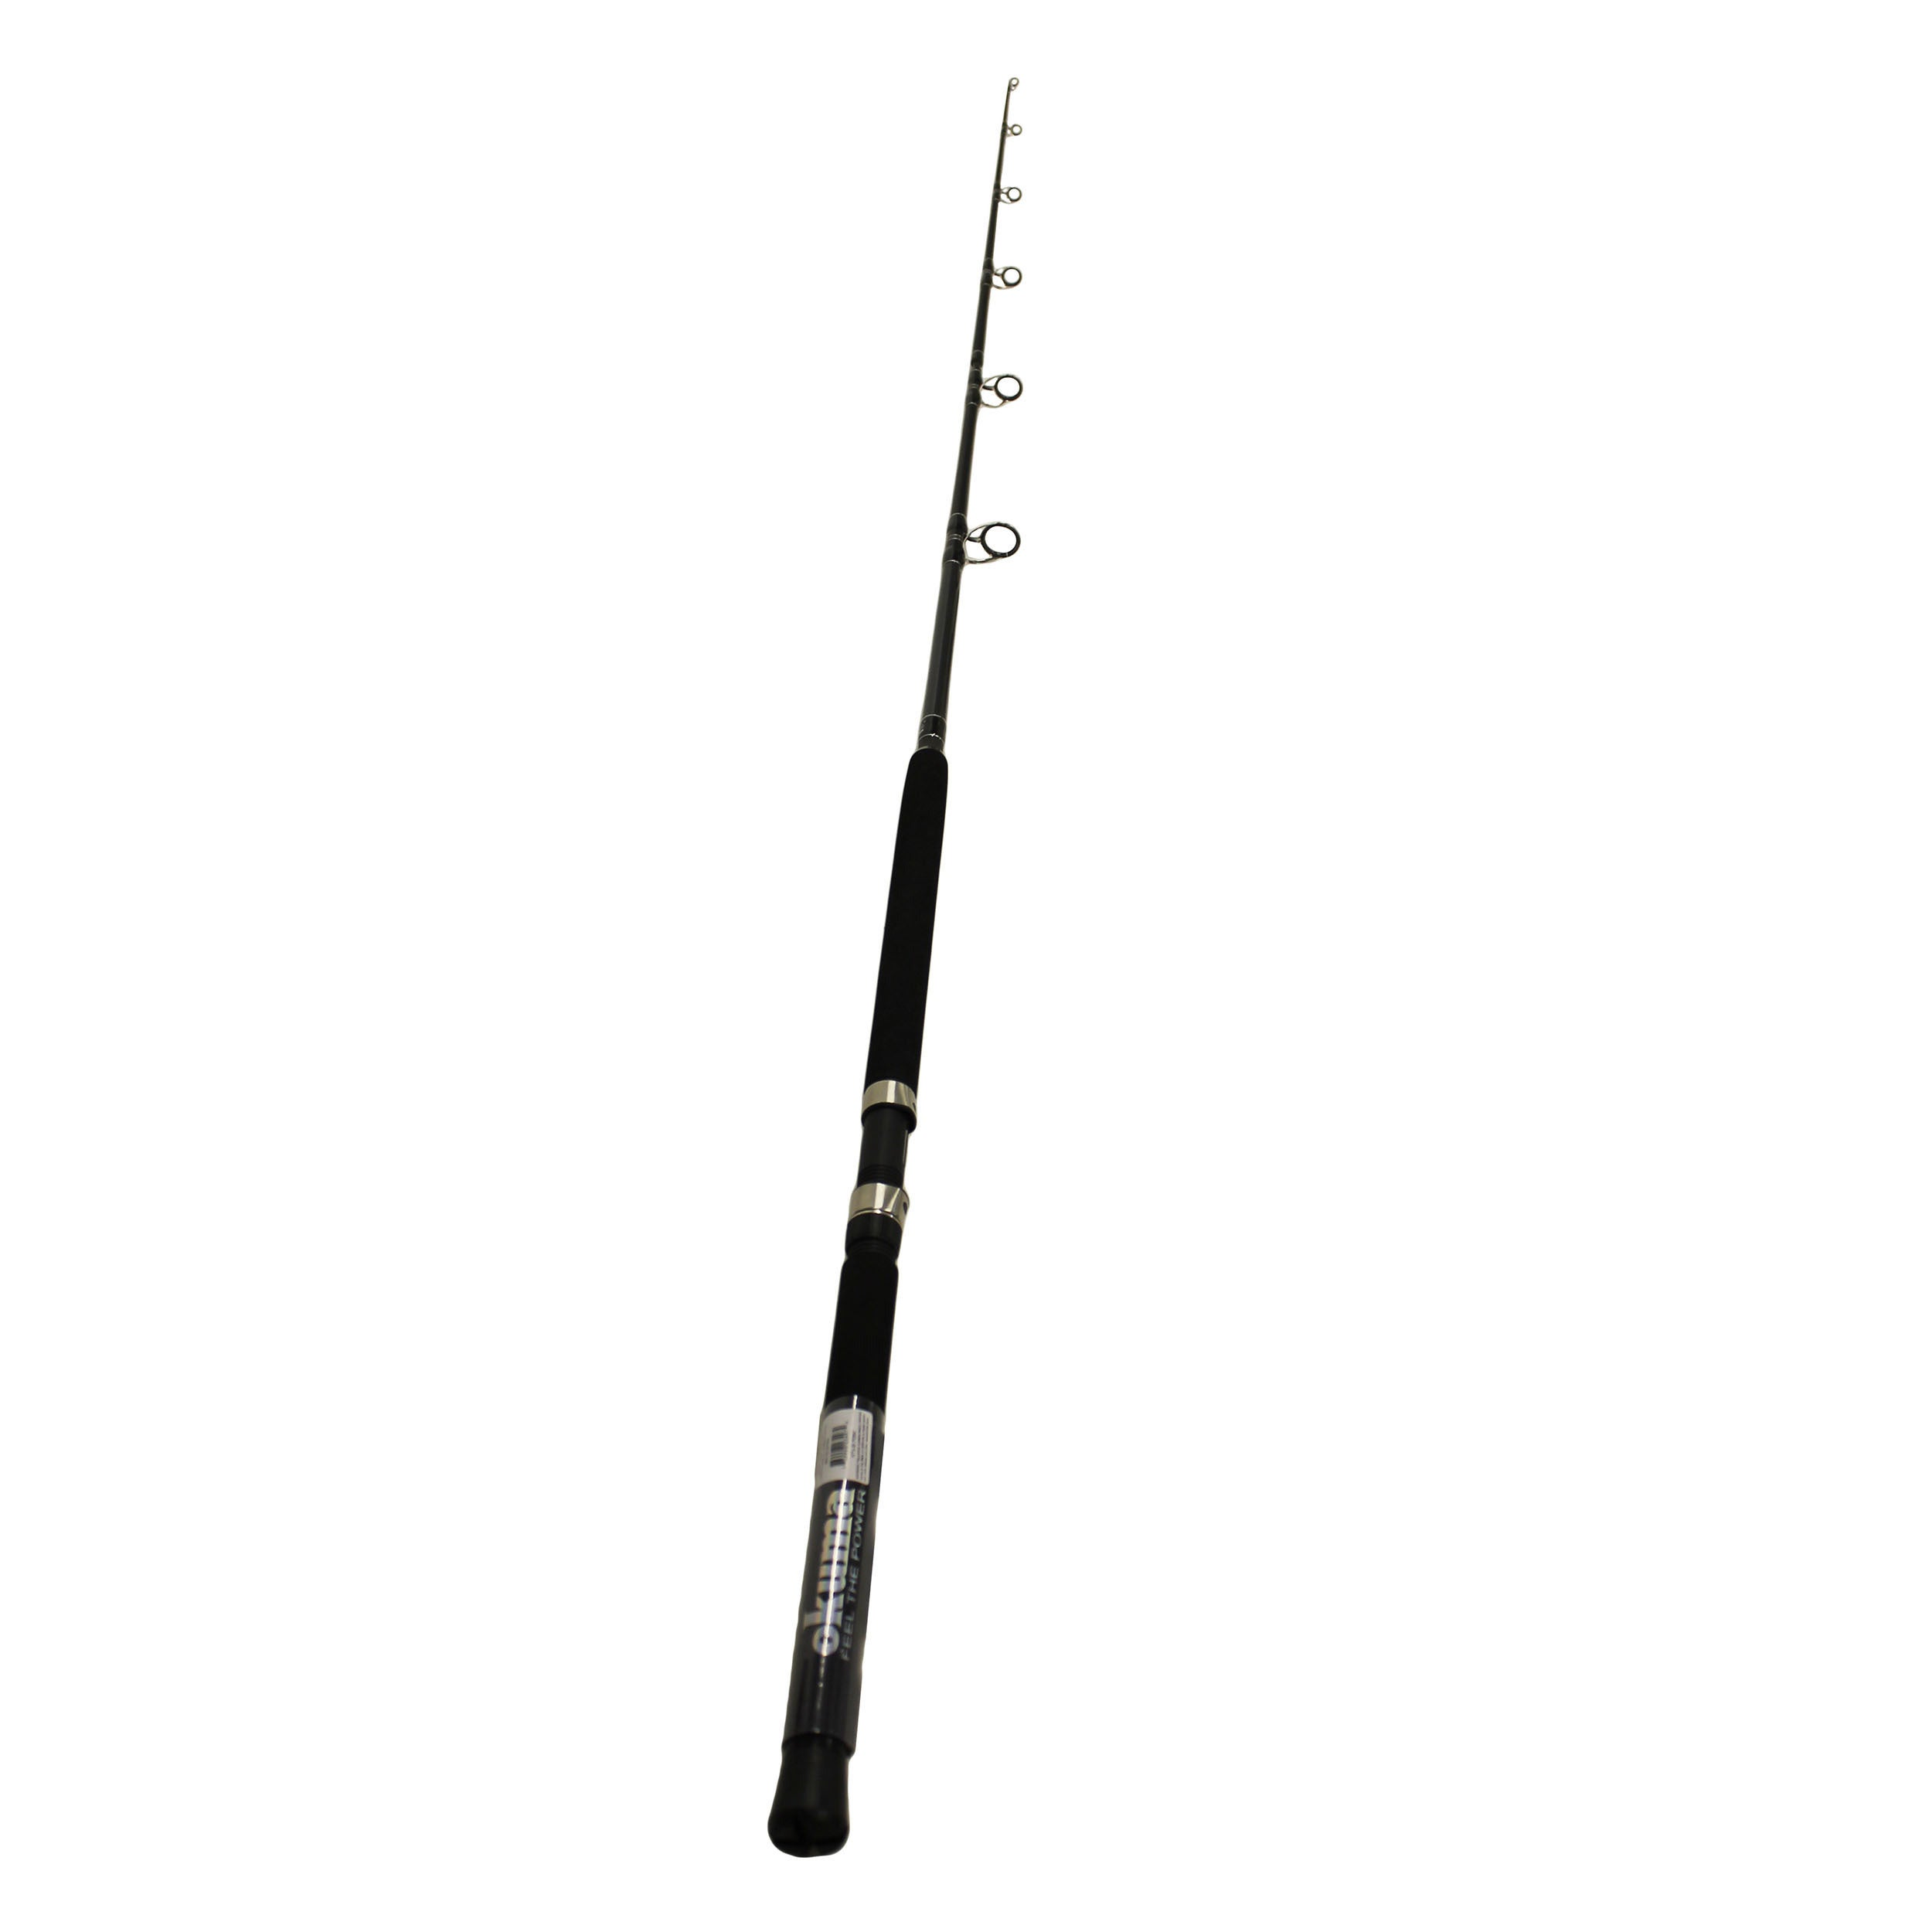 Okuma Fishing Tackle Corp Nomad Express Spinning Rod 7' M...